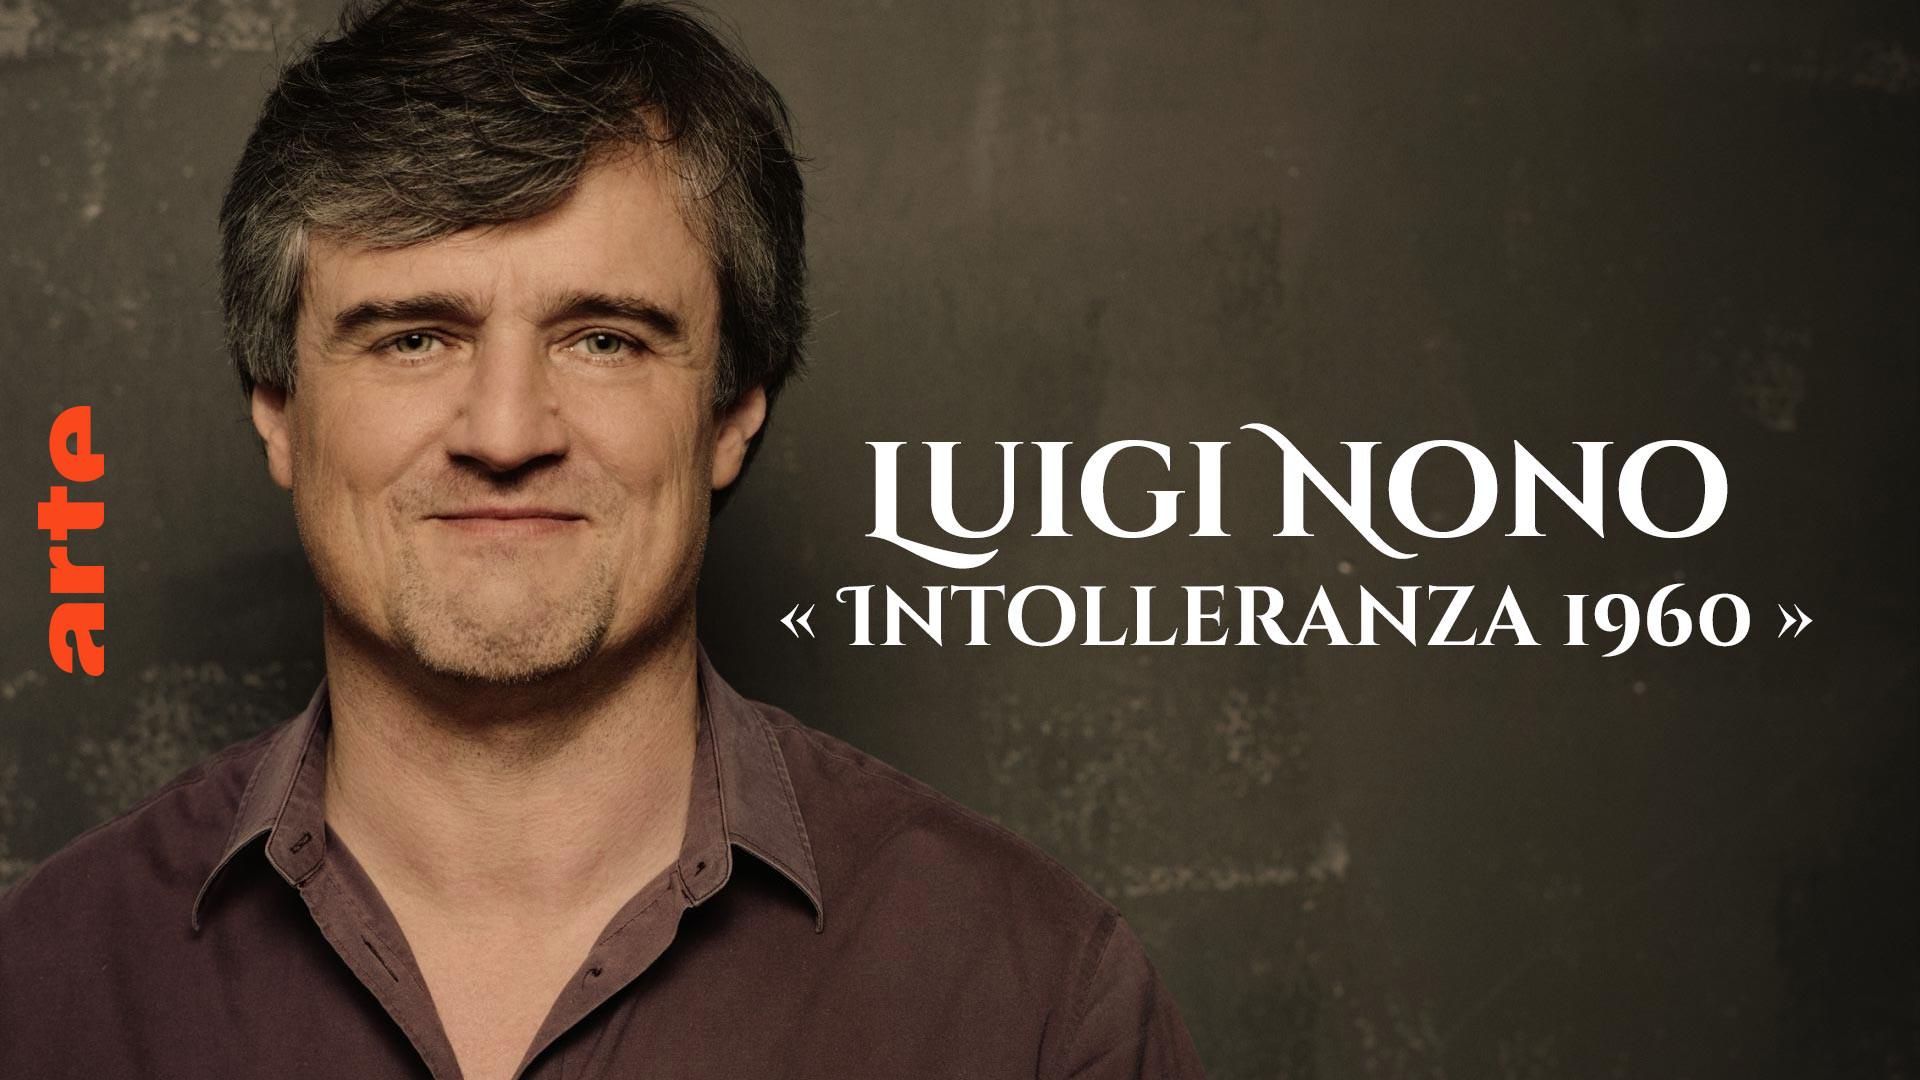 Luigi Nono: Intolleranza 1960 - Neuinszenierung - Programm in voller Länge  | ARTE Concert